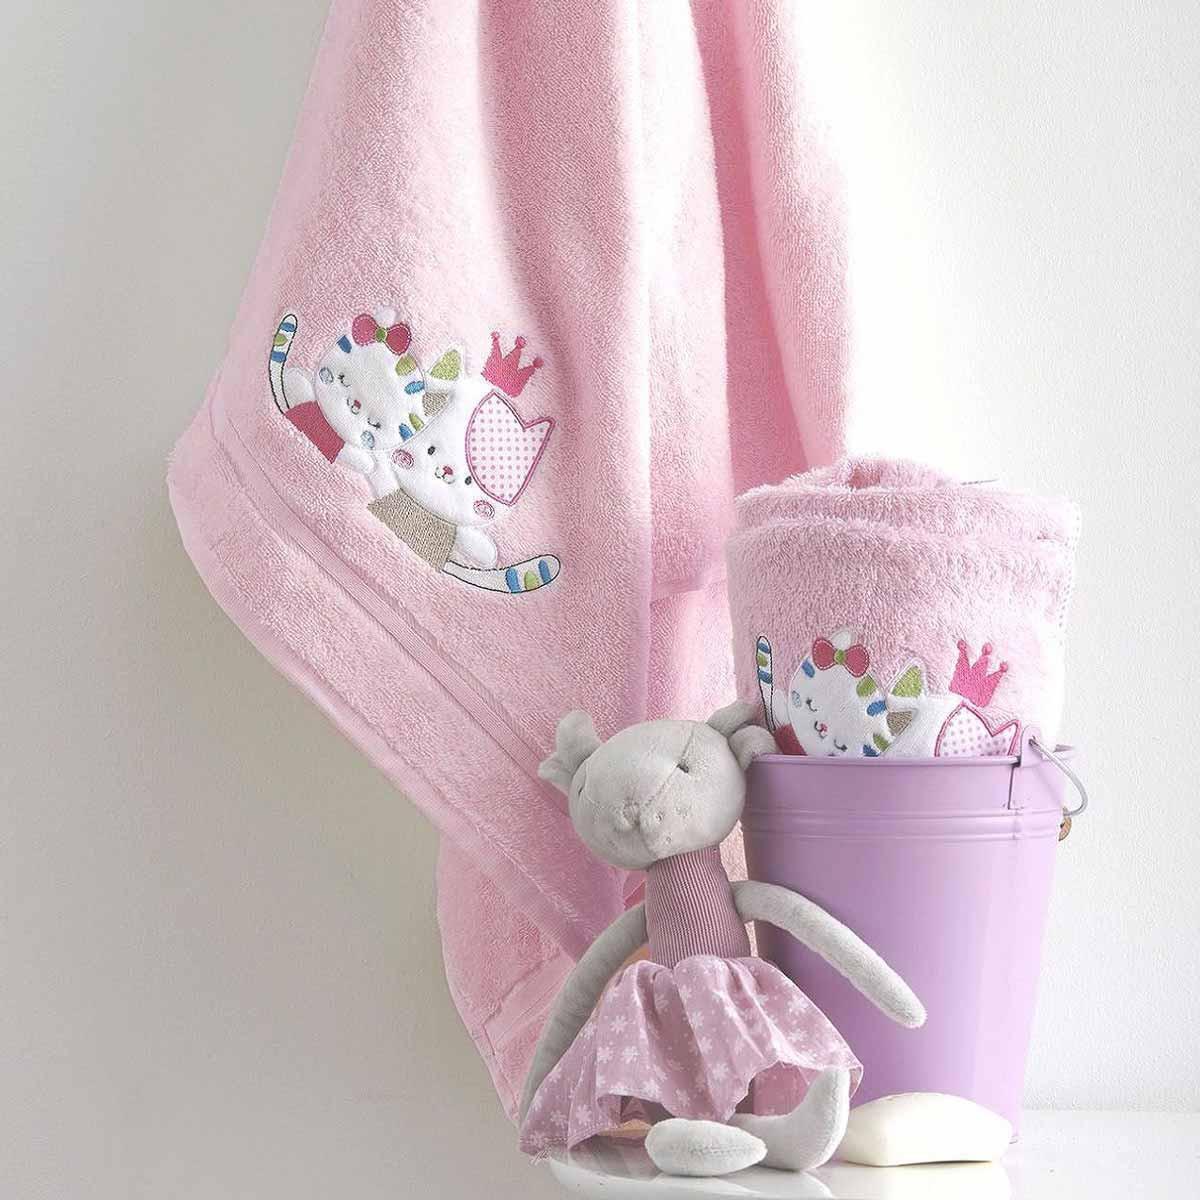 Βρεφικές Πετσέτες (Σετ 2τμχ) Sb Home Baby Gattino Pink